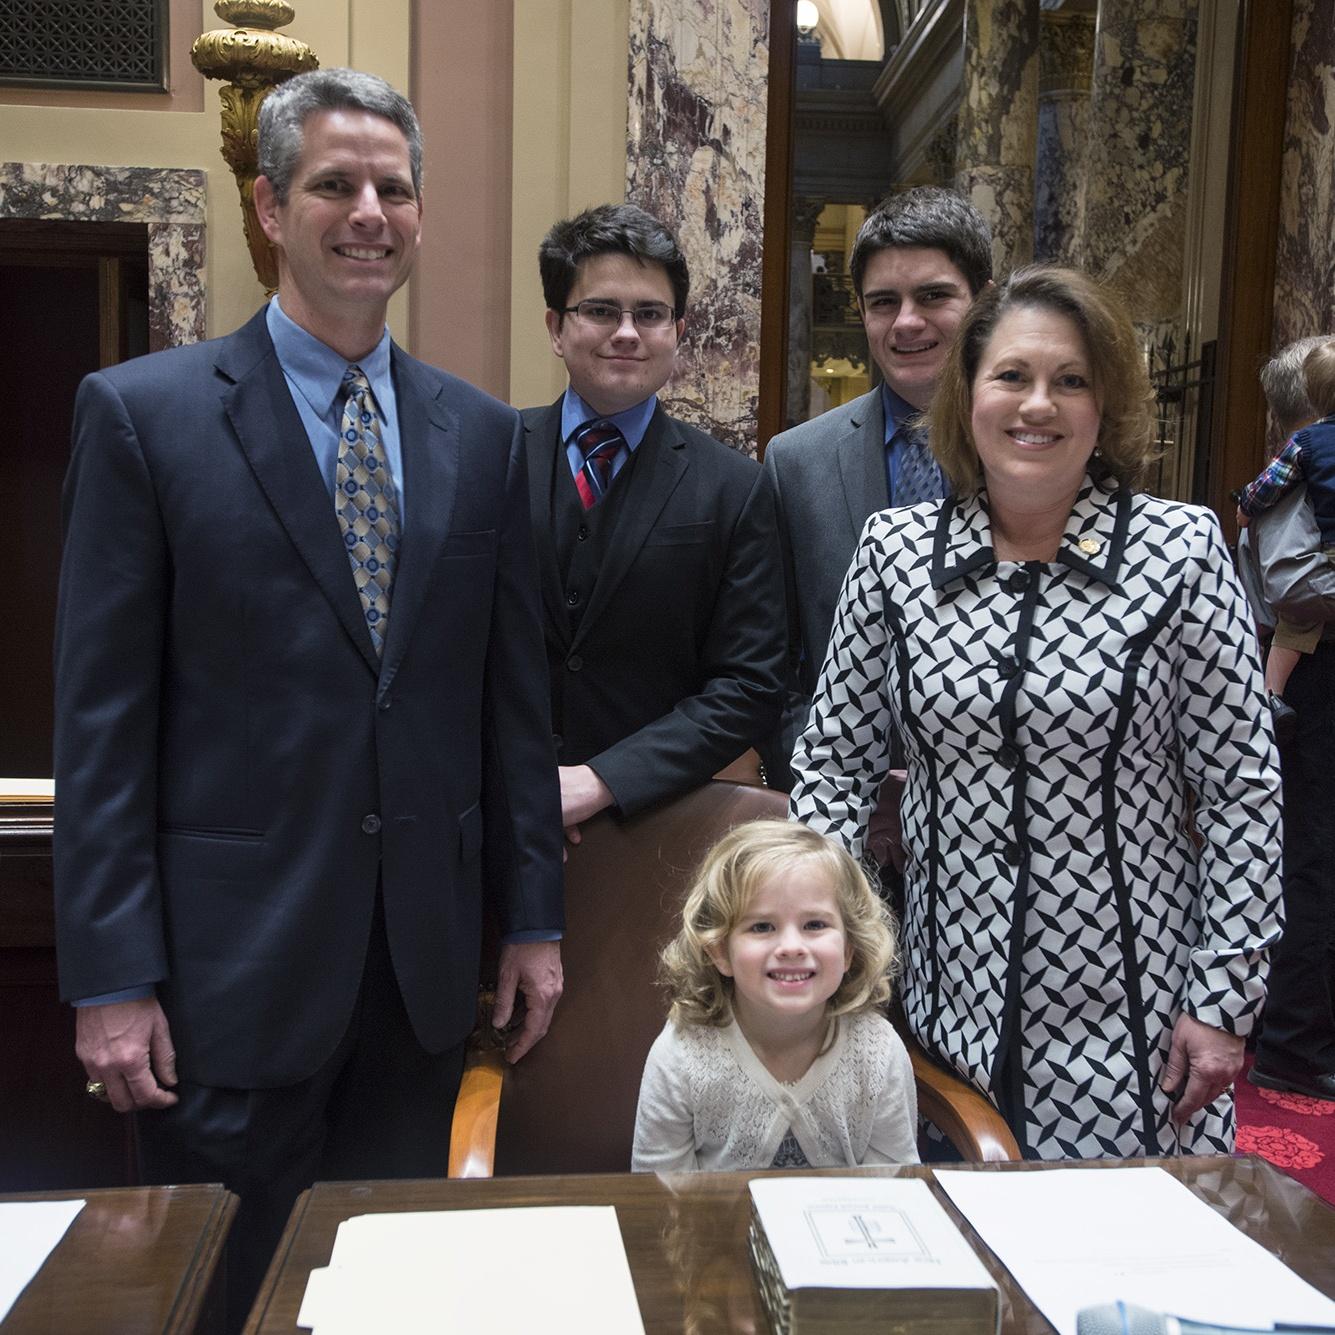 Senator Michelle Benson and family